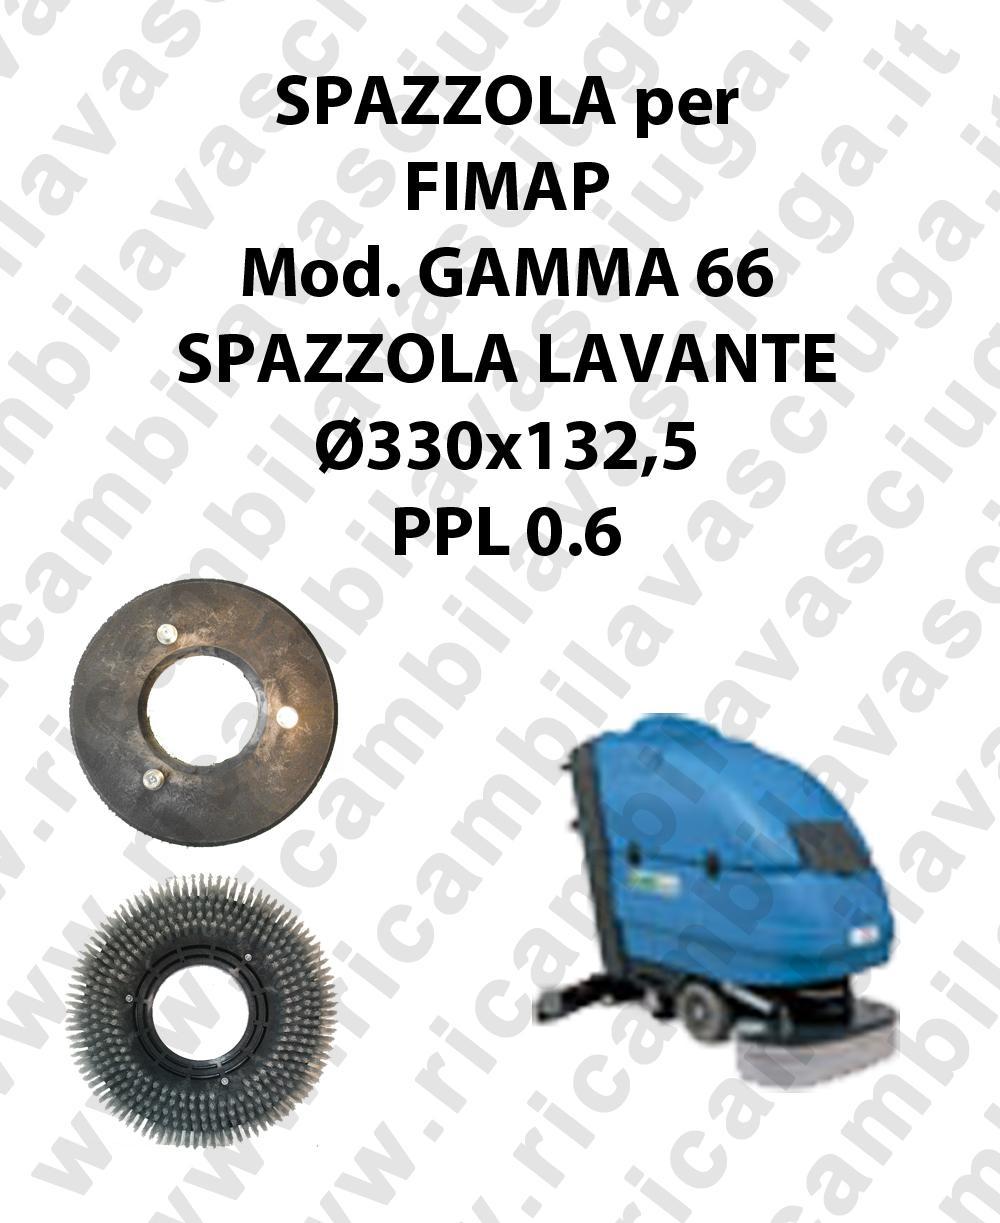 CEPILLO DE LAVADO  para fregadora FIMAP modelo GAMMA 66 ø 330 x 132.5 PPL 0.6